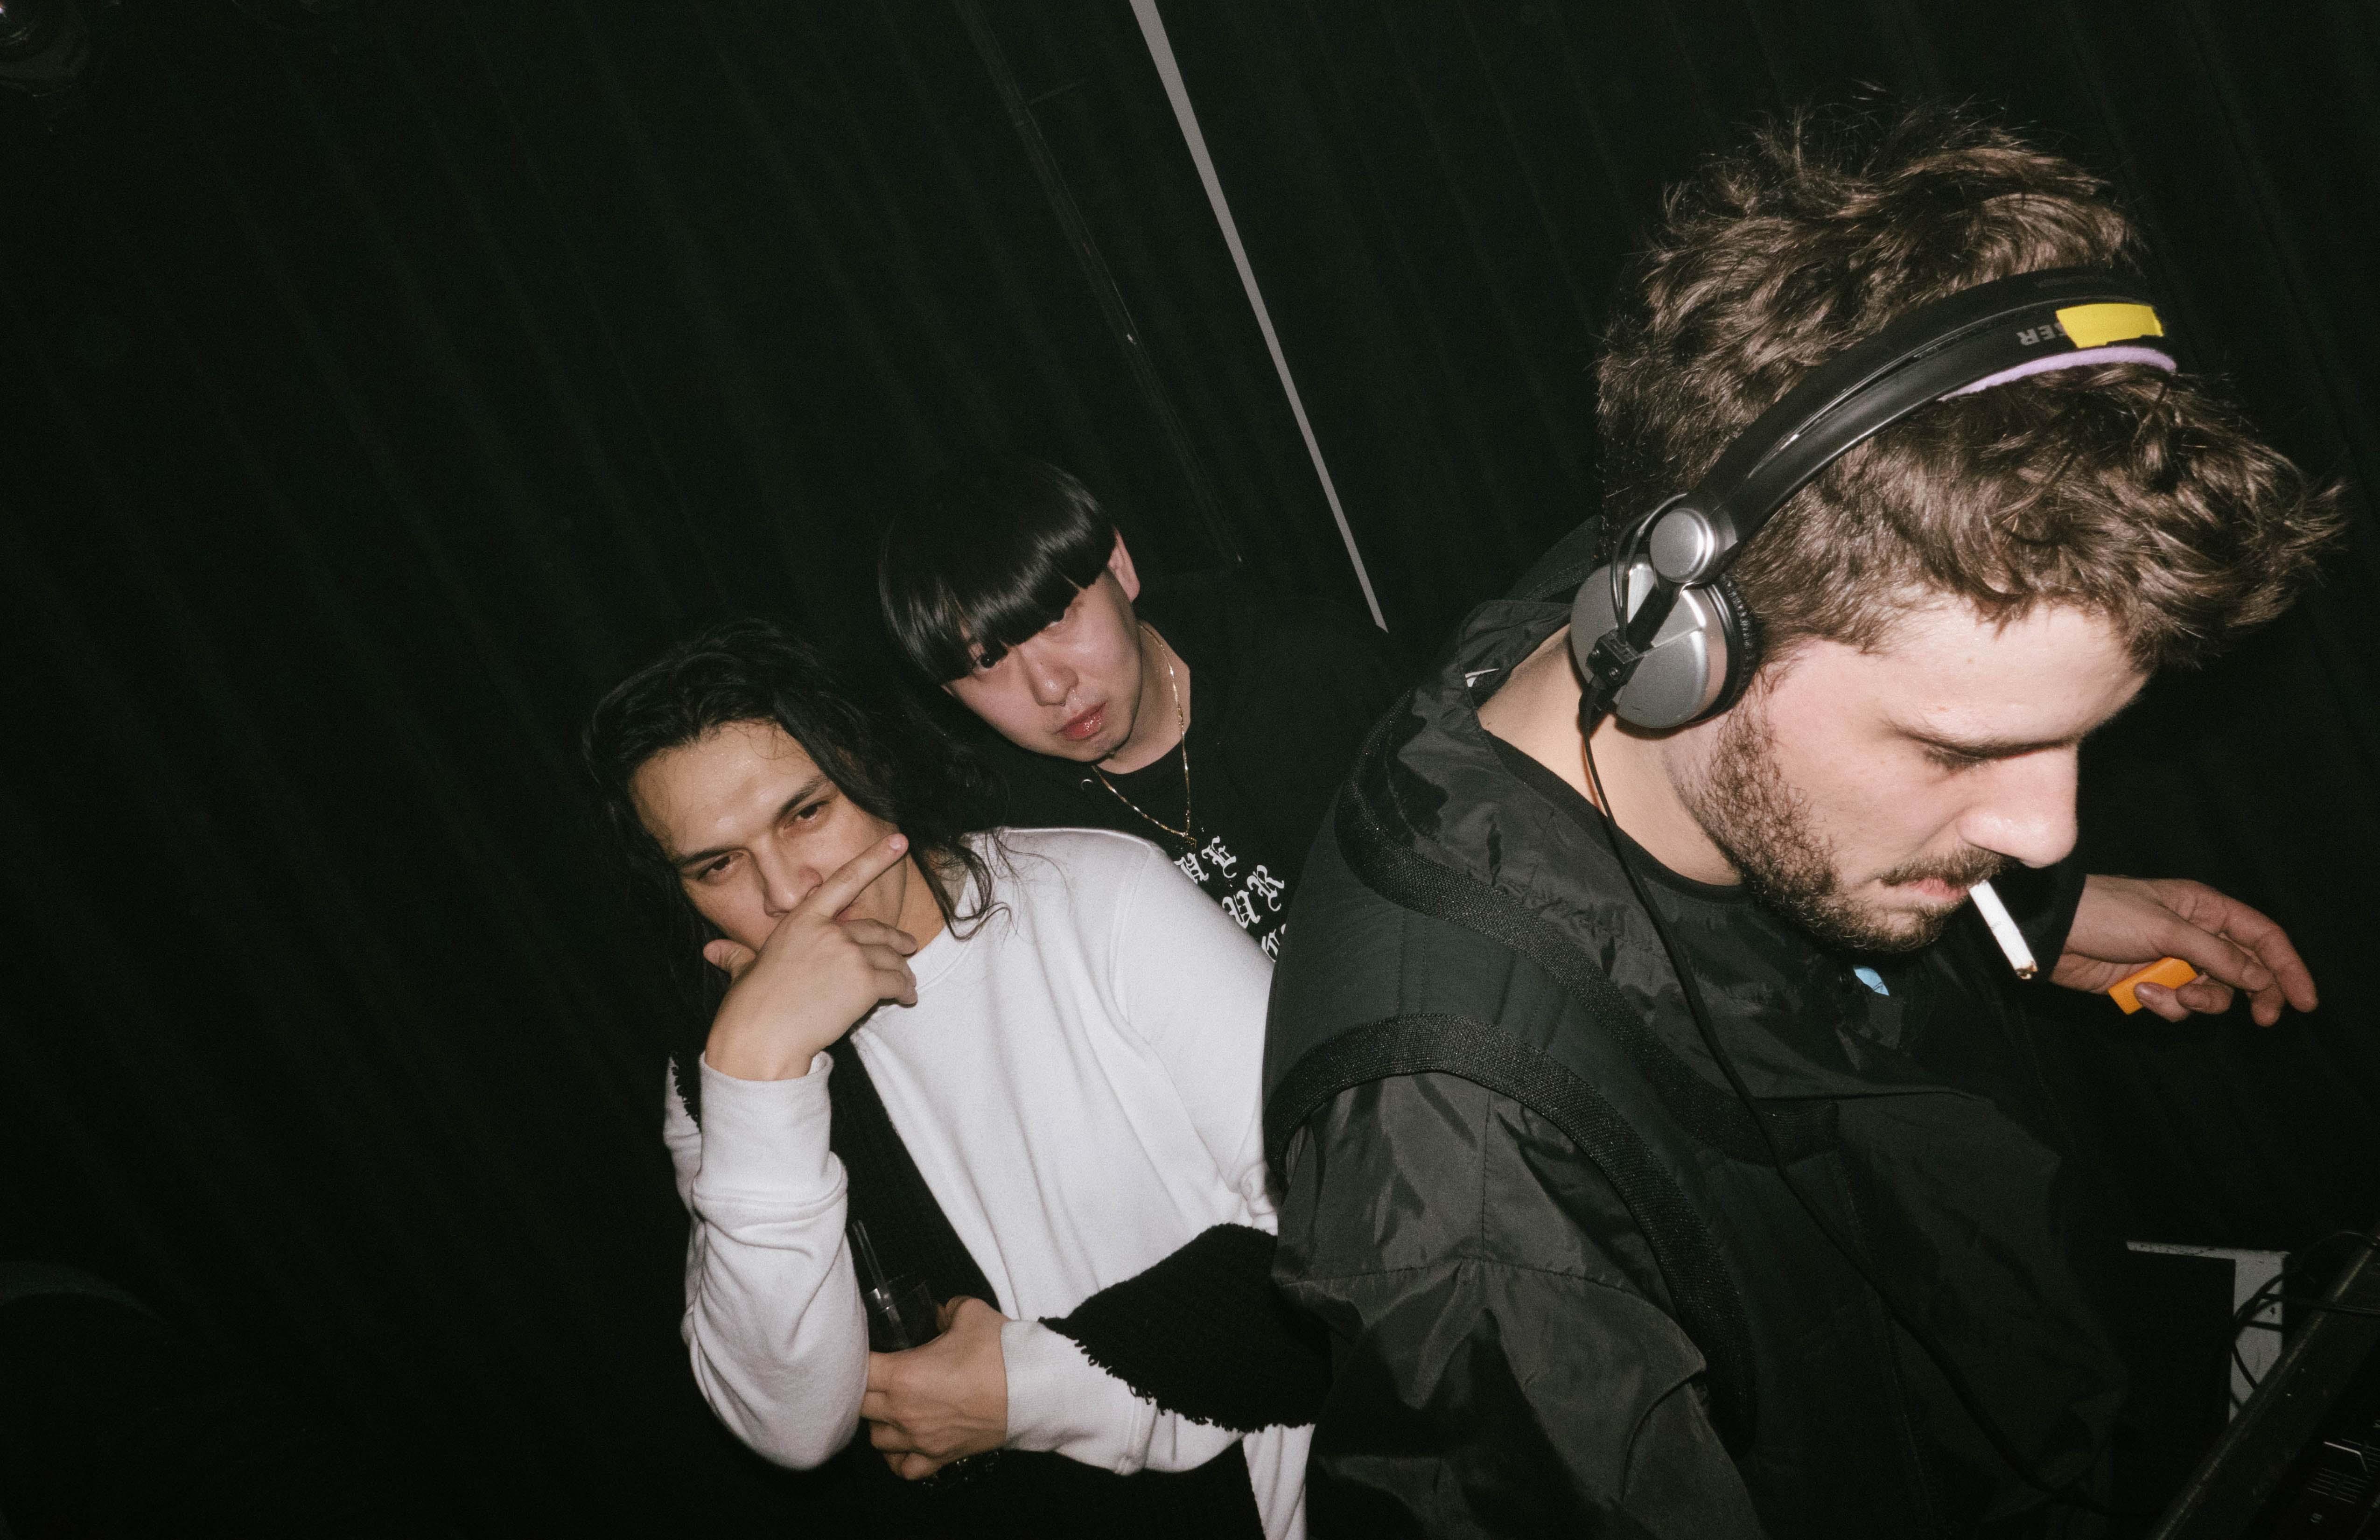 De gauche à droite : Guillermo, Kiri, Sam Tiba à la soirée Phire Wire